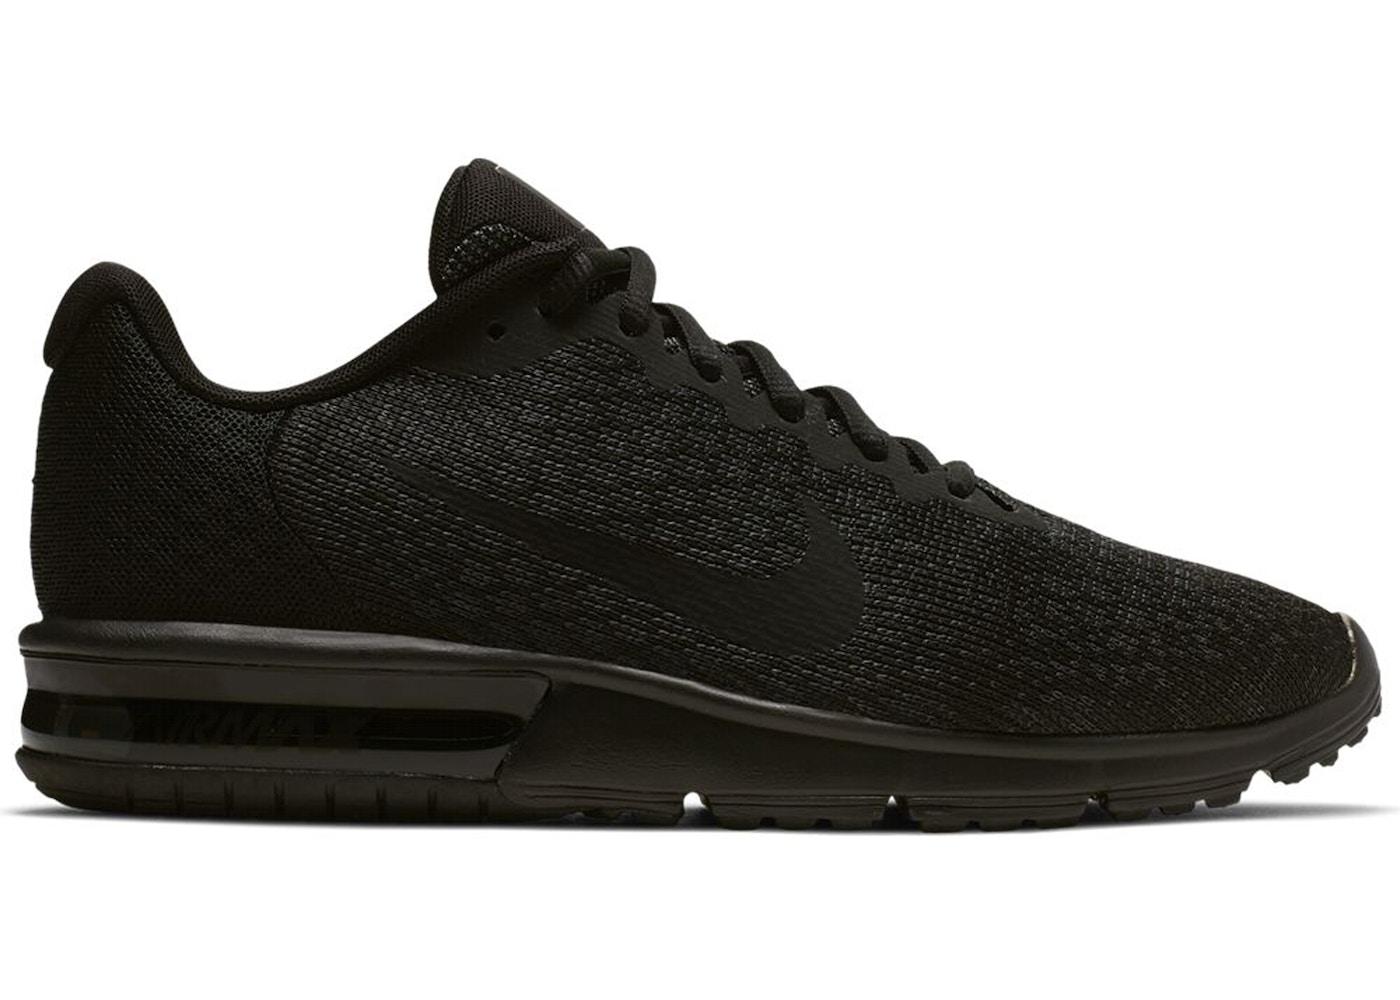 Nike Air Max Sequent 2 Black (W) - 852465-015